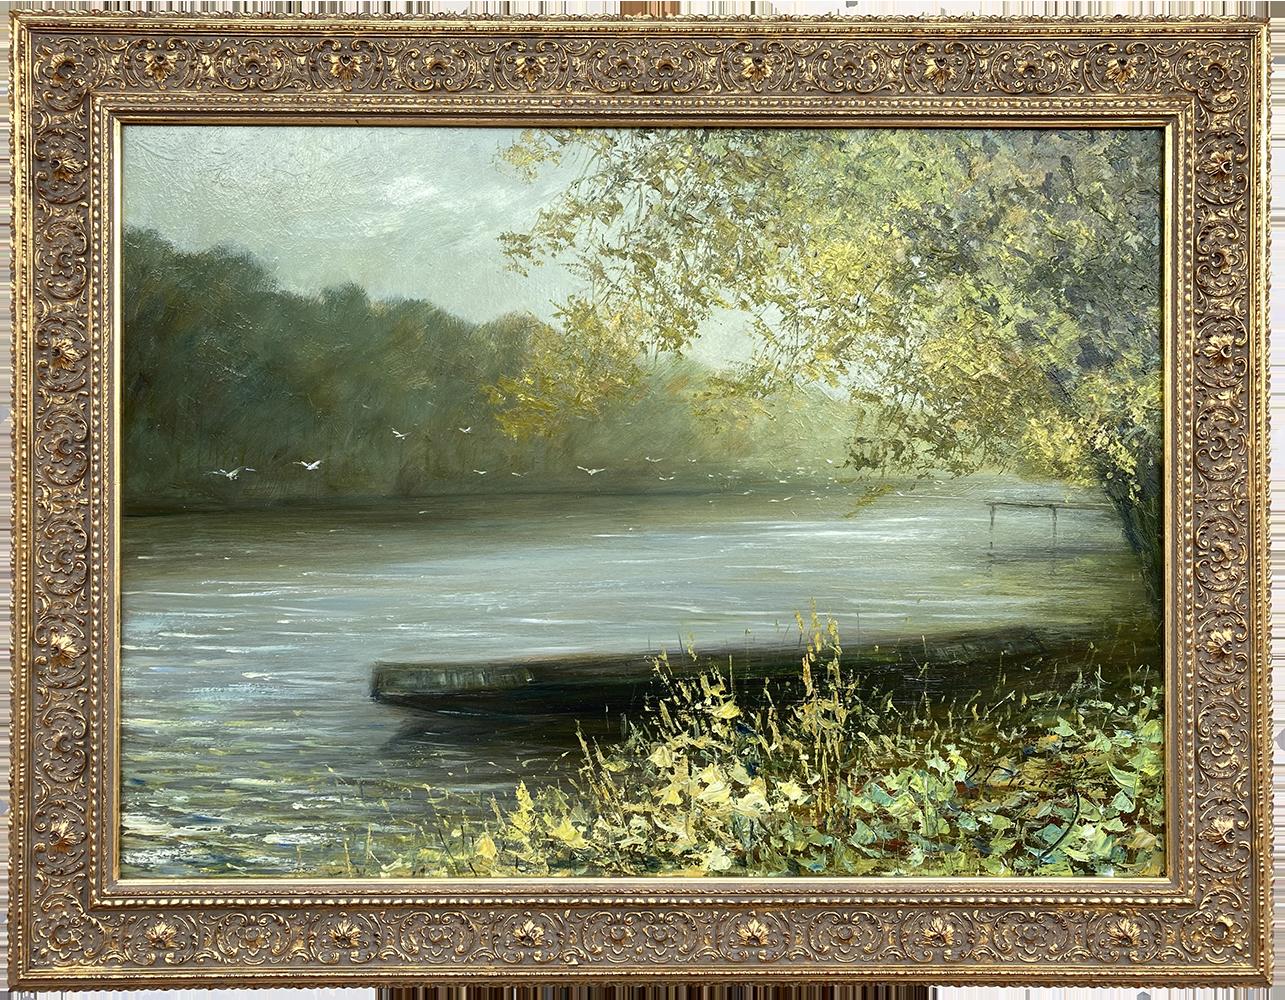 Názov: Loďka na rieke / Rozmery: 65x90 cm / Rok: 2018 / Technika: Olejomaľba